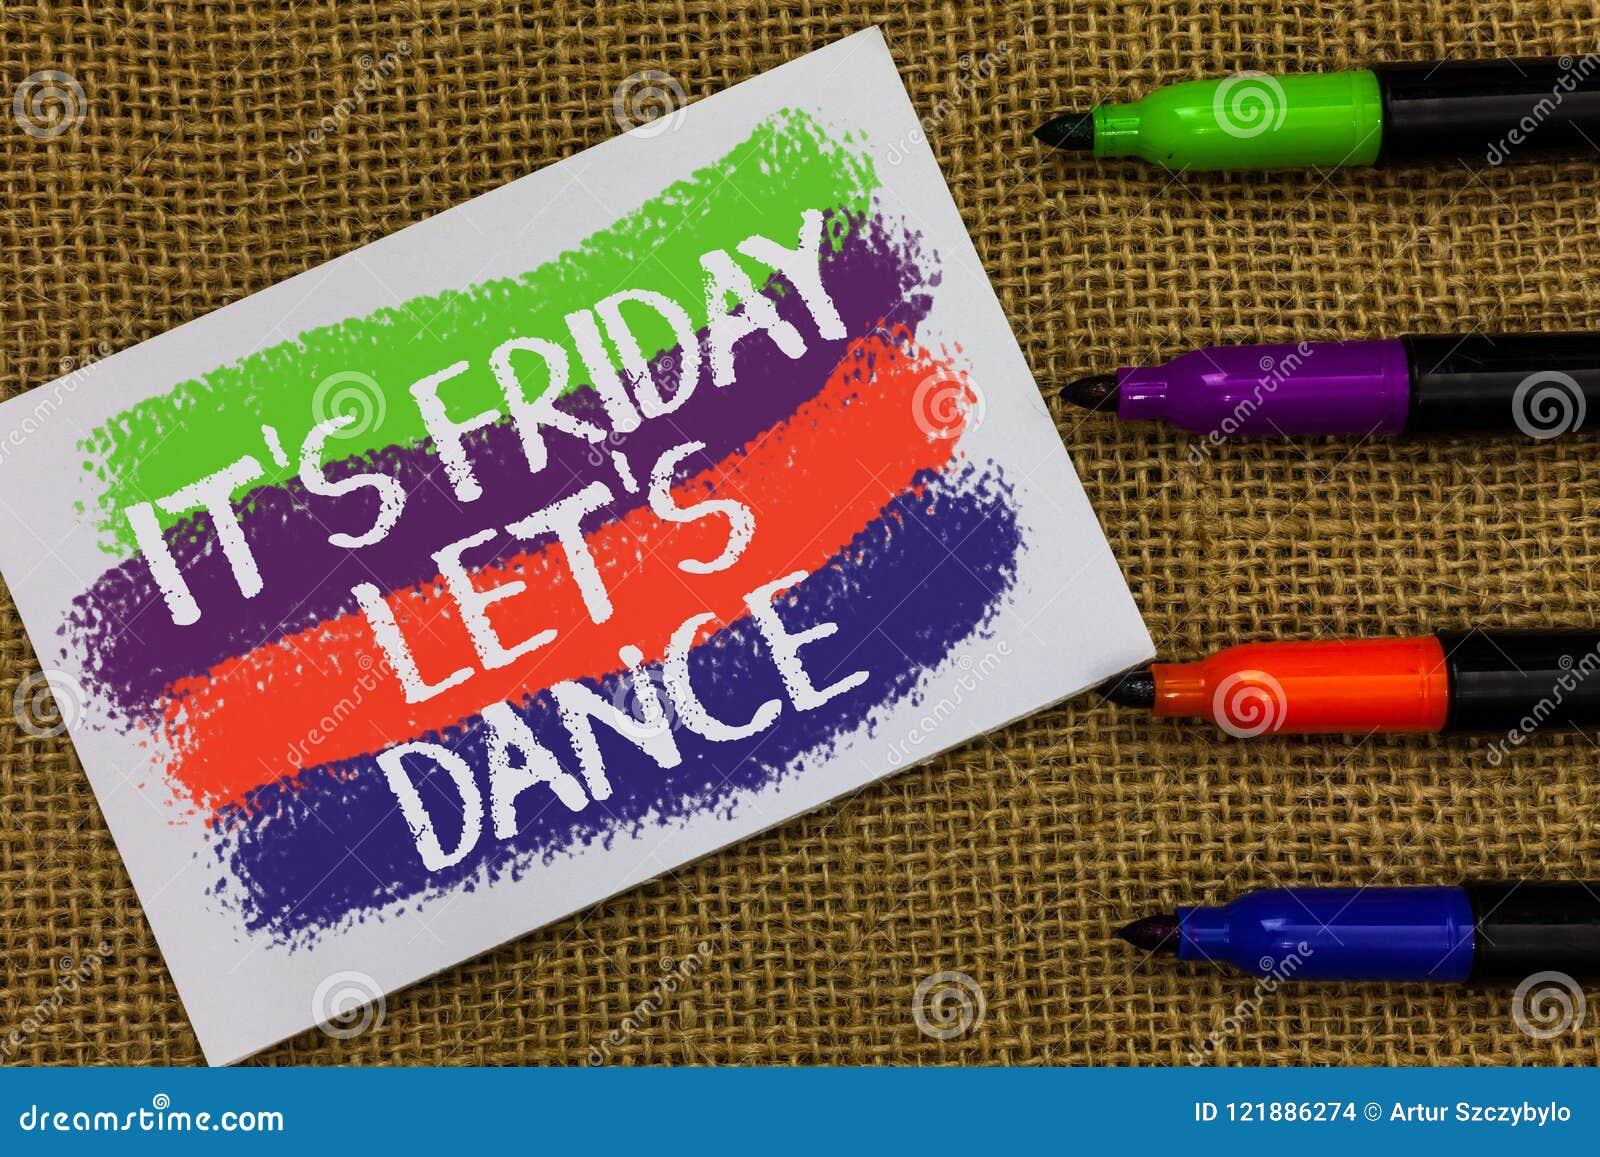 Texte d écriture de Word ce s est vendredi a laissé s est danse Le concept d affaires pour Celebrate commençant le week-end vont